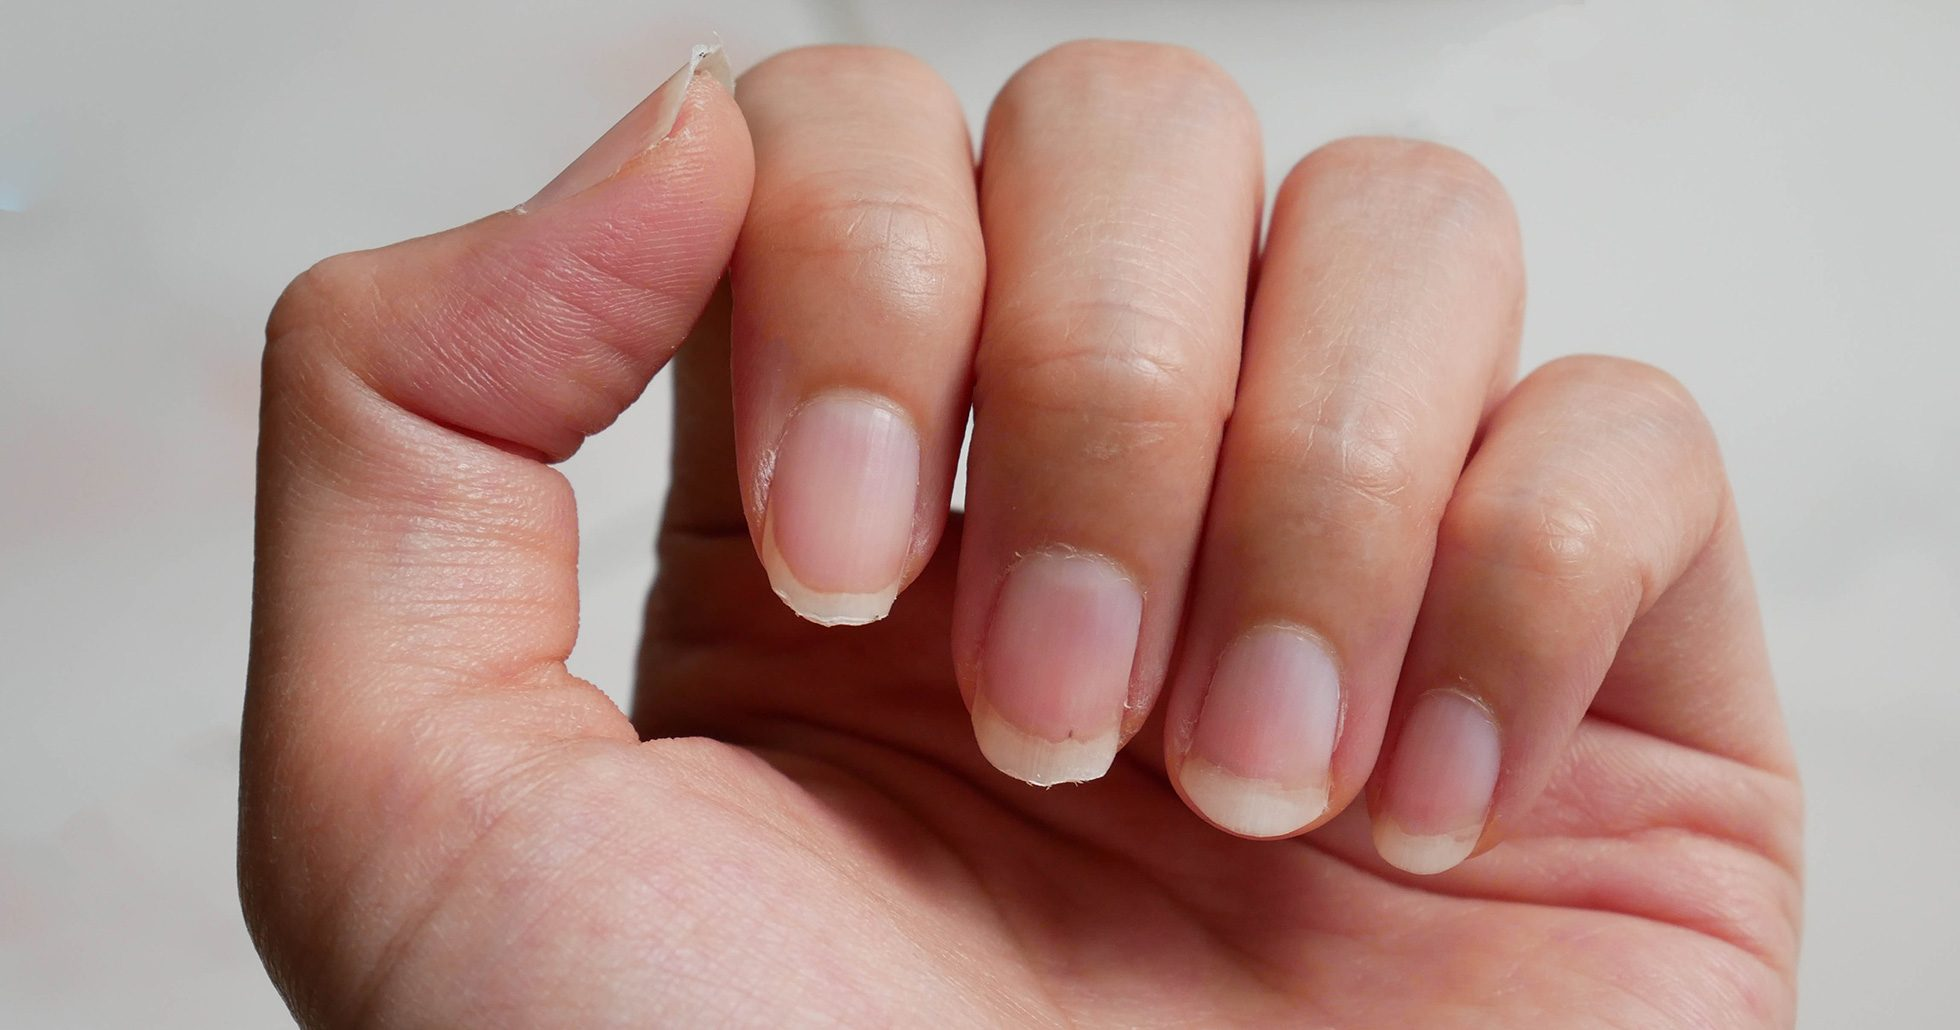 hur får man längre naglar